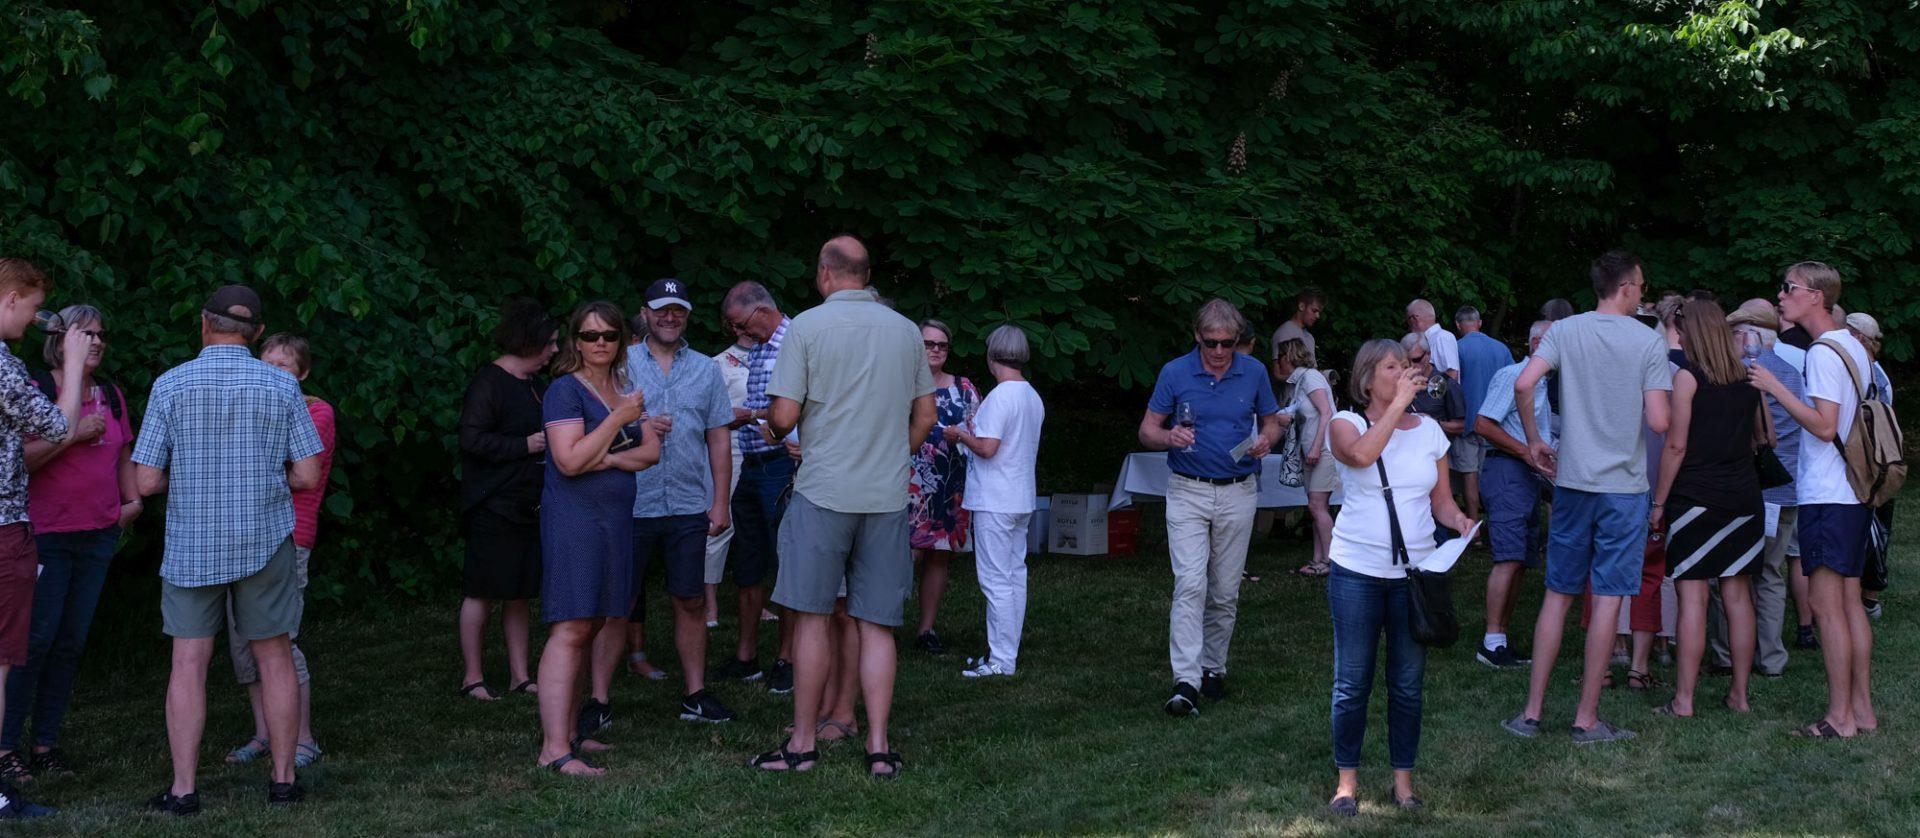 Sol over Bichel: Vinsmagningen i den idylliske park trak flokke af gæster til